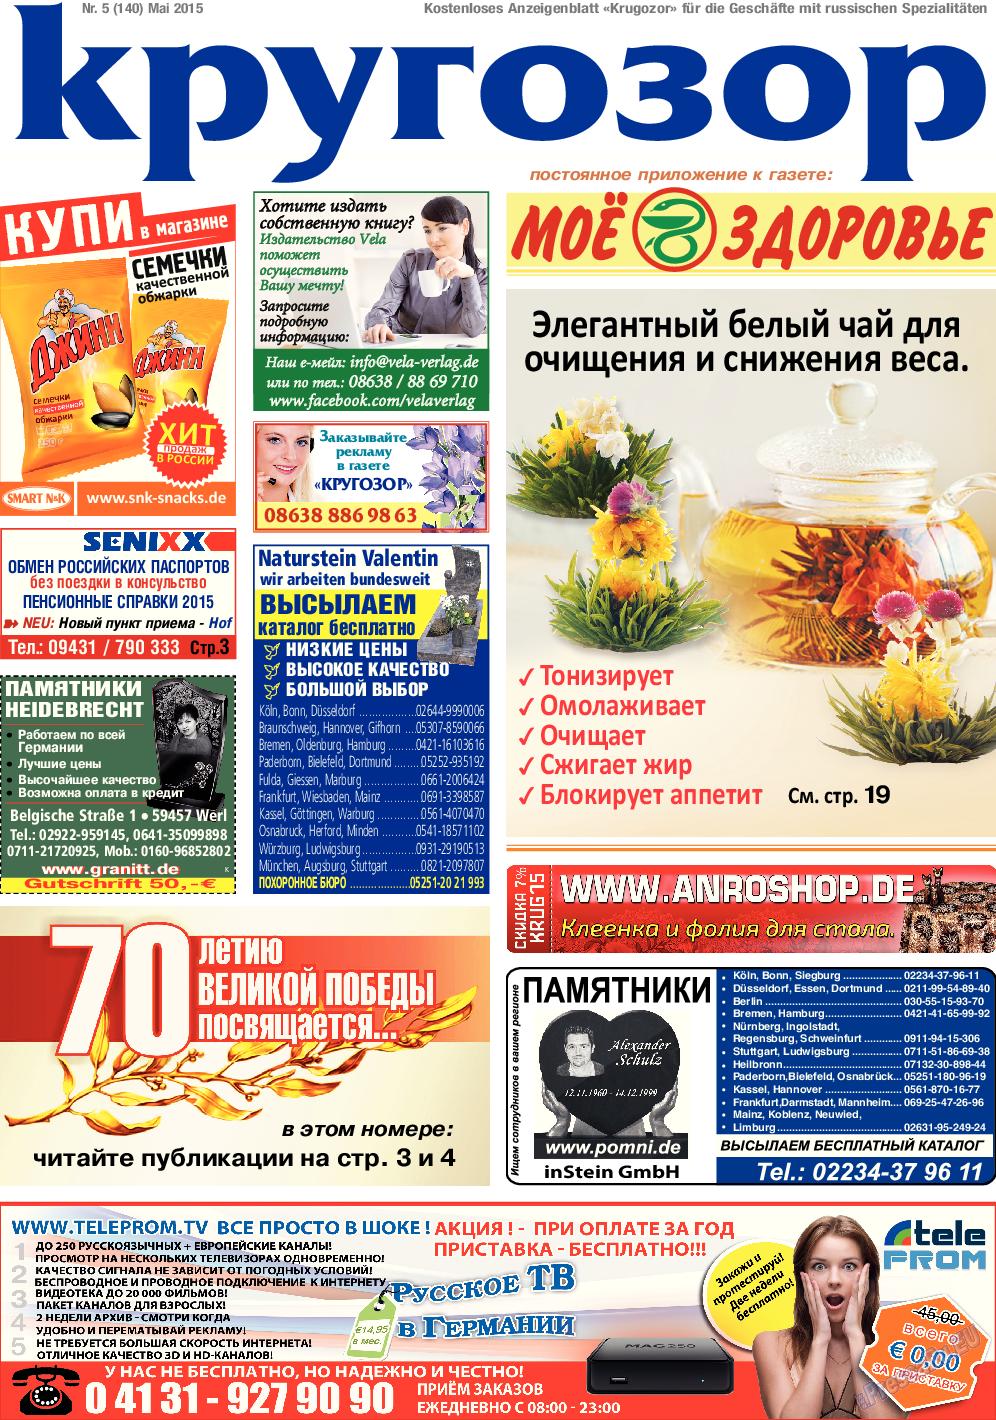 Кругозор (газета). 2015 год, номер 5, стр. 1